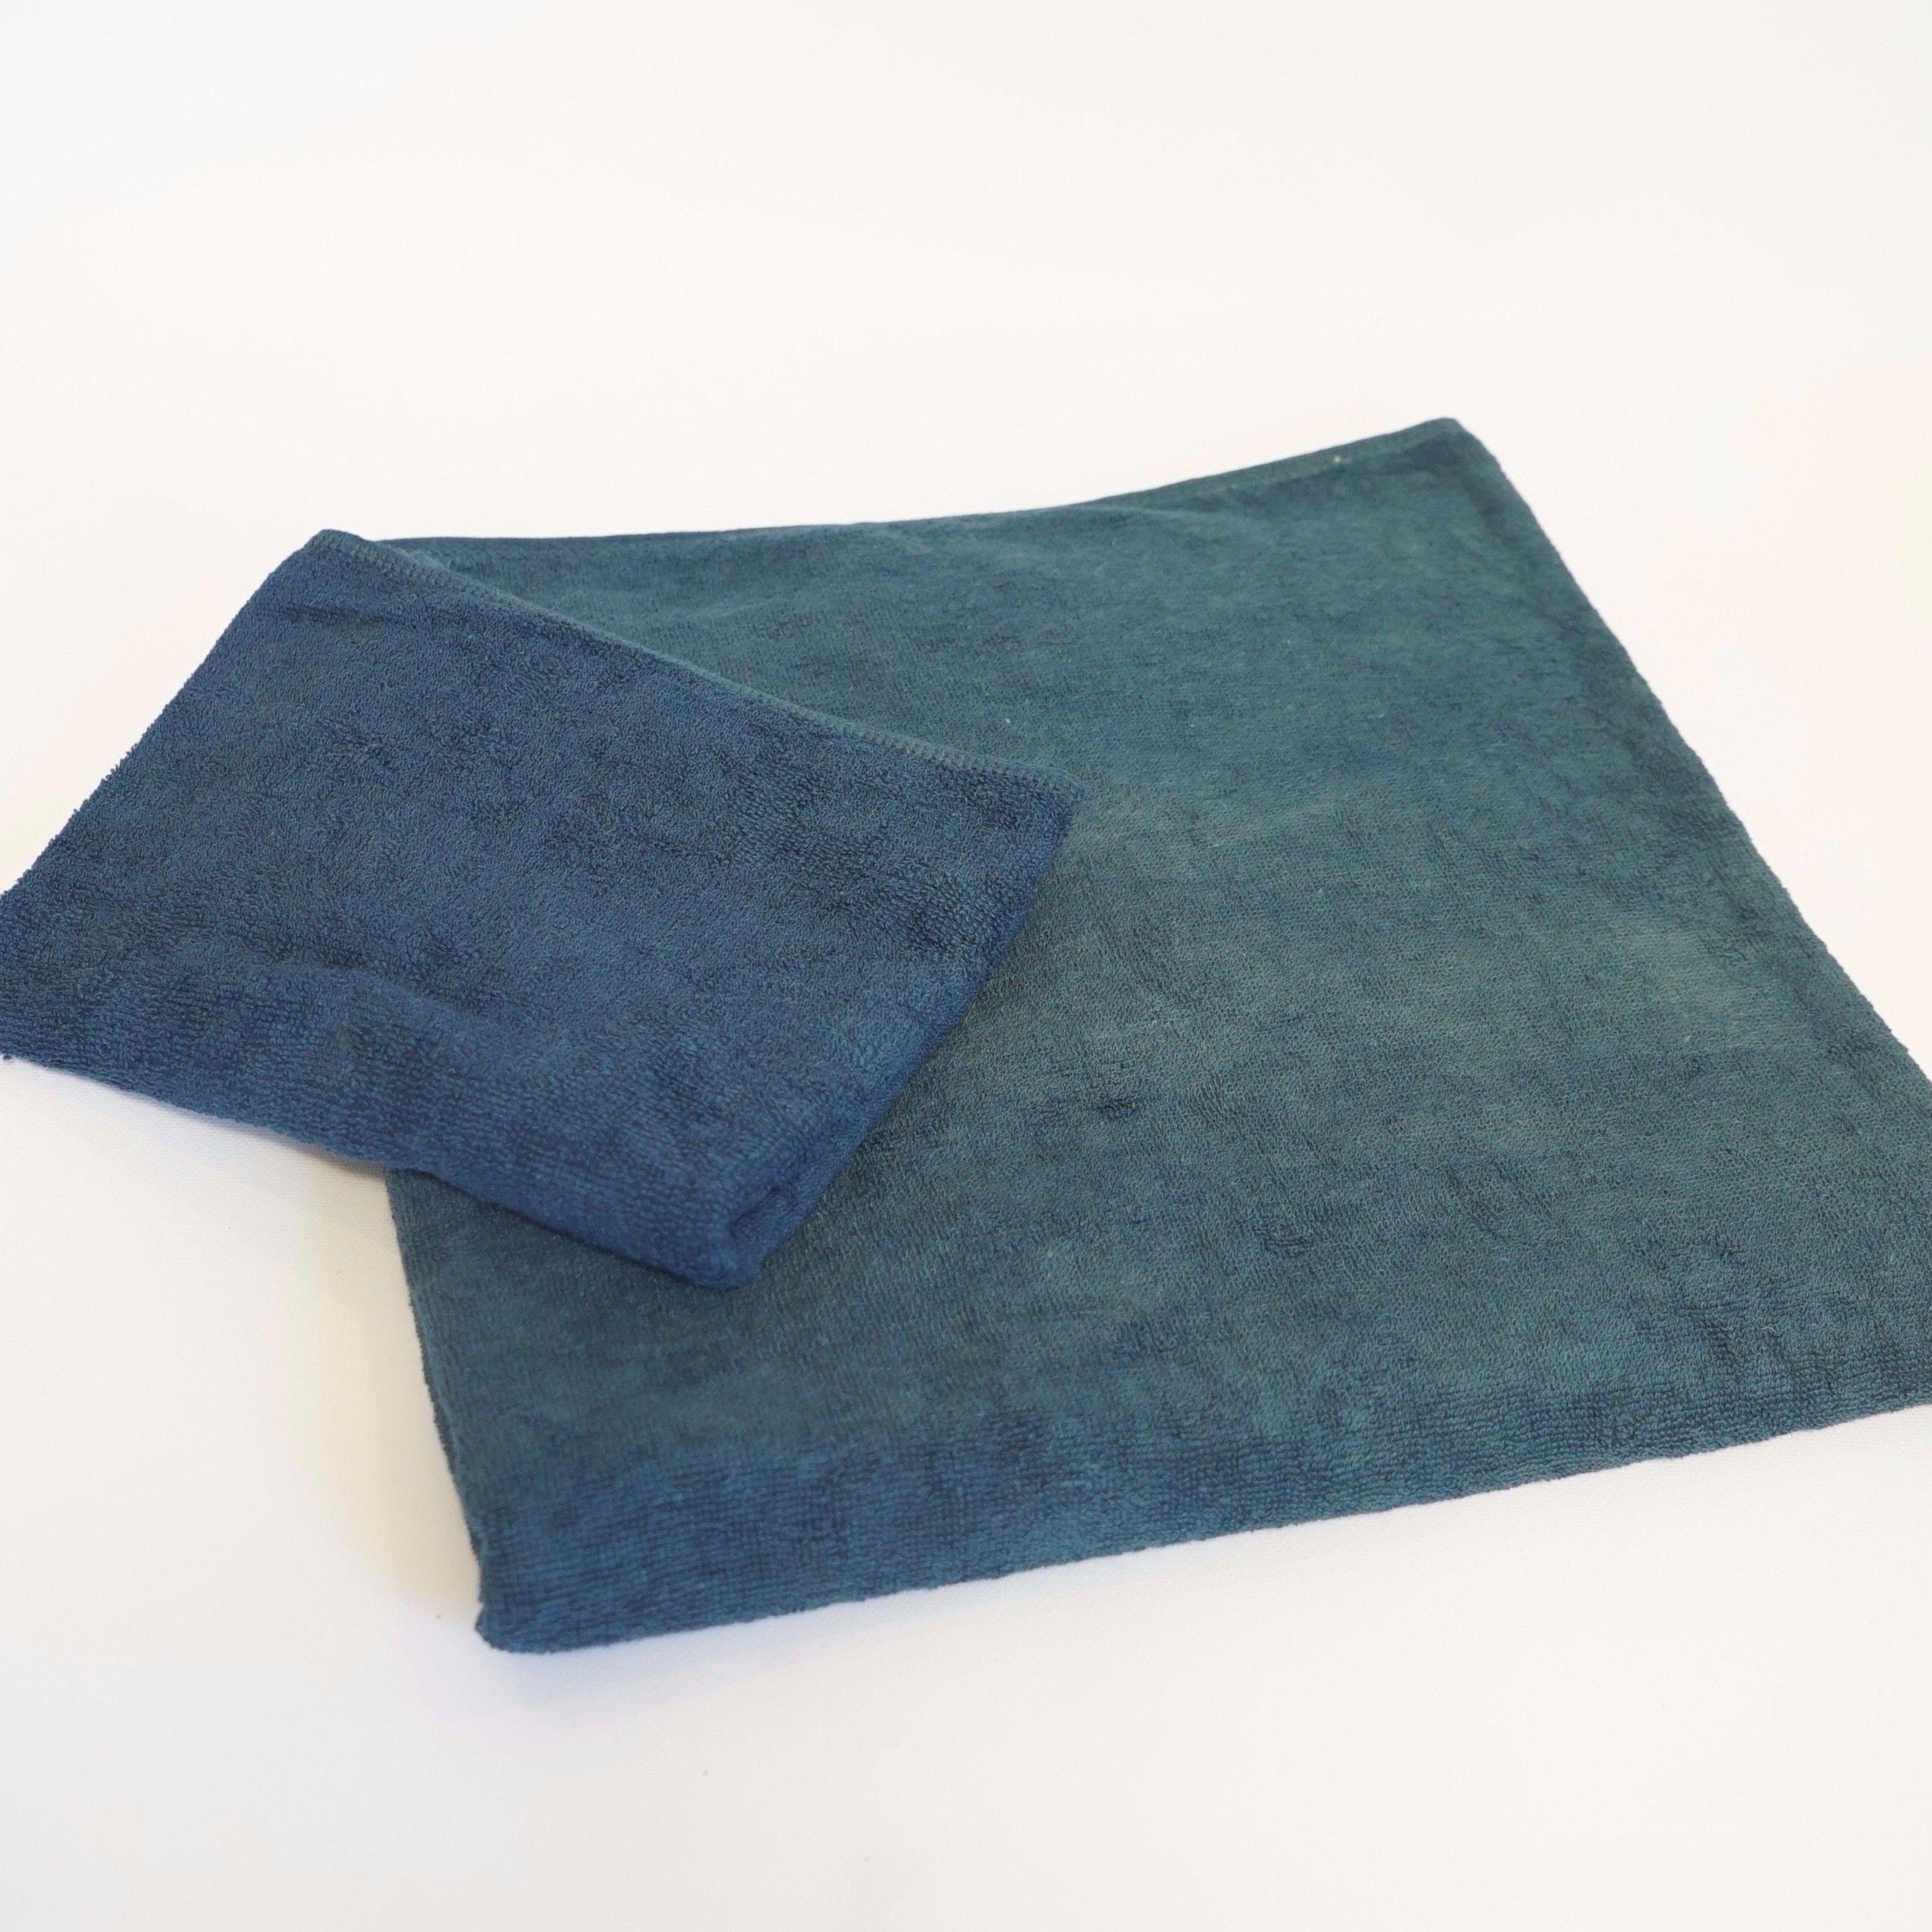 【ギフト】藍染バスタオル&フェイスタオル《お得セット》(各1枚)